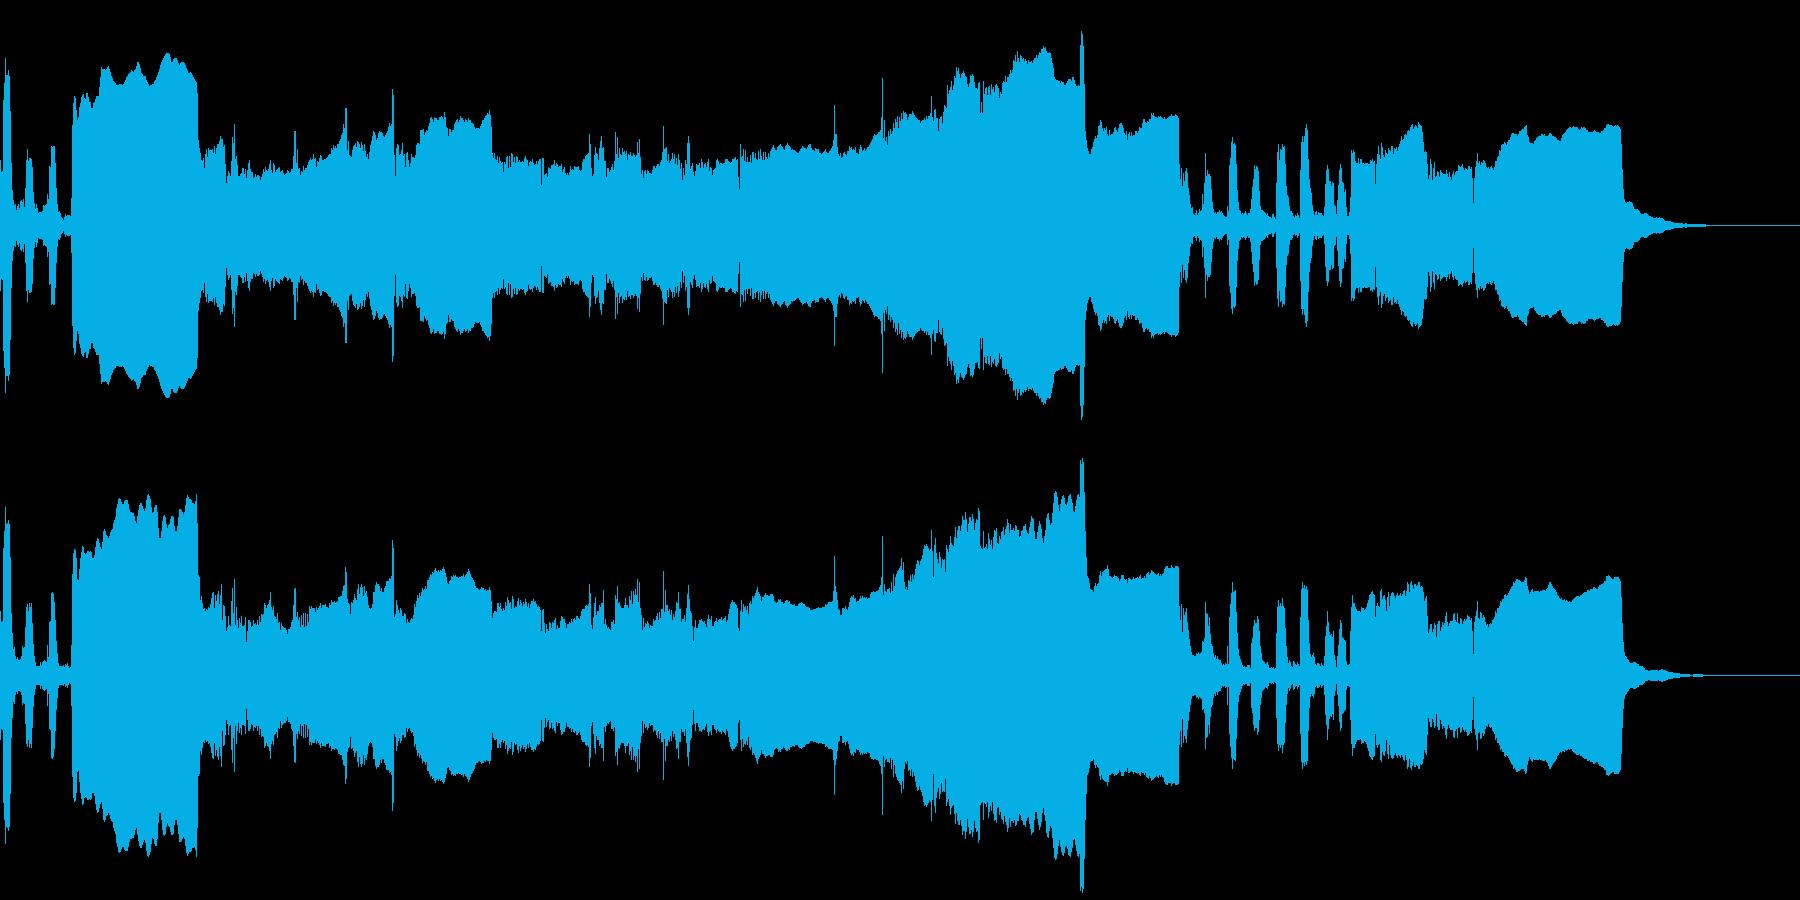 ホルンソロ、冒険のBGM、ジングル、CMの再生済みの波形